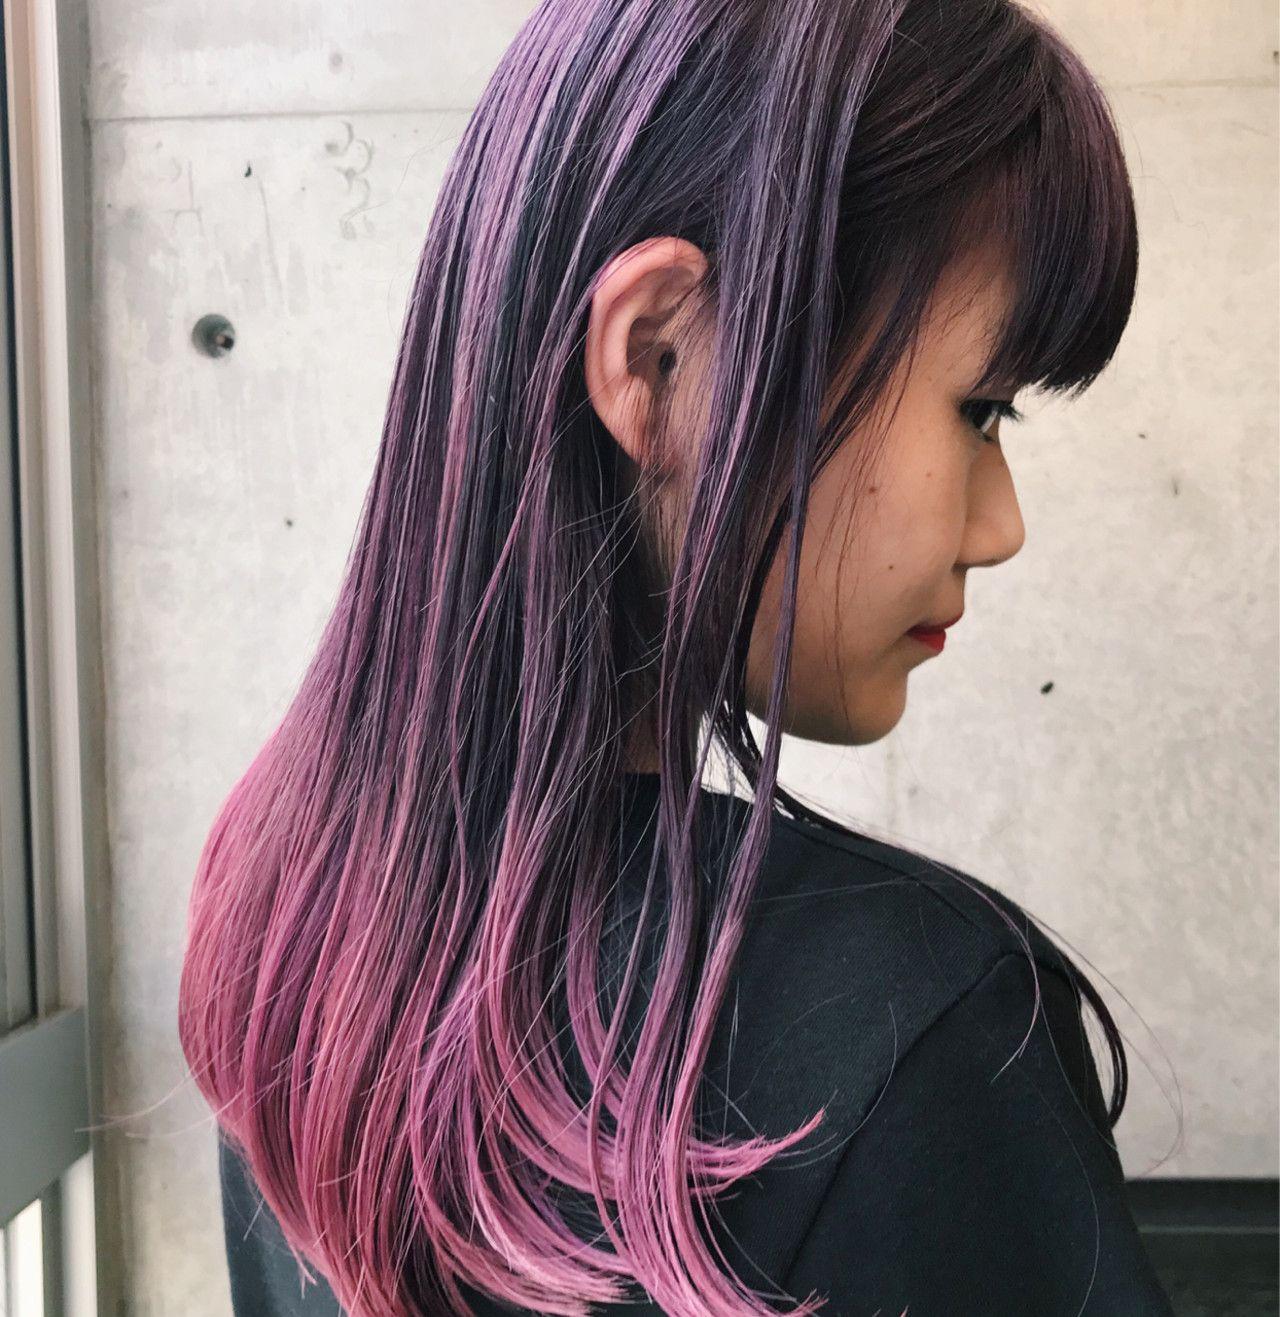 紫からピンクのグラデーションカラー 美髪 ヘア アイディア ヘアー